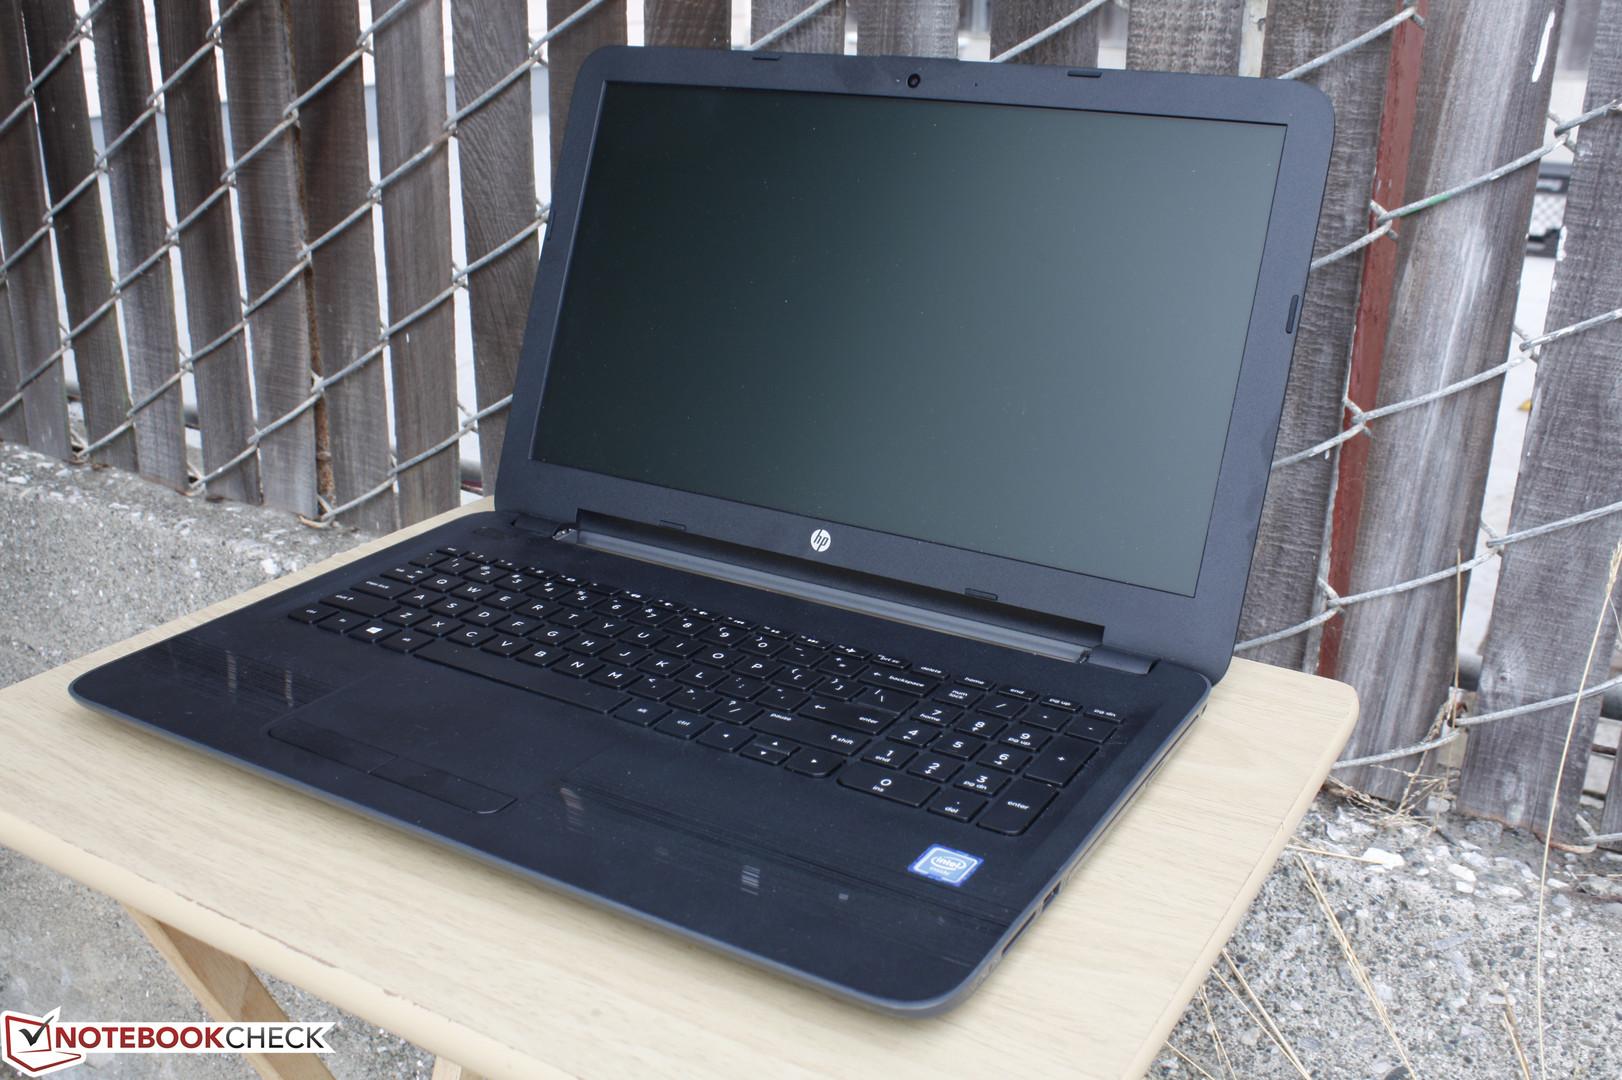 Courte critique du PC portable HP 250 G5 Y1V08UT (Celeron N3060, HD ... ba8291812c04